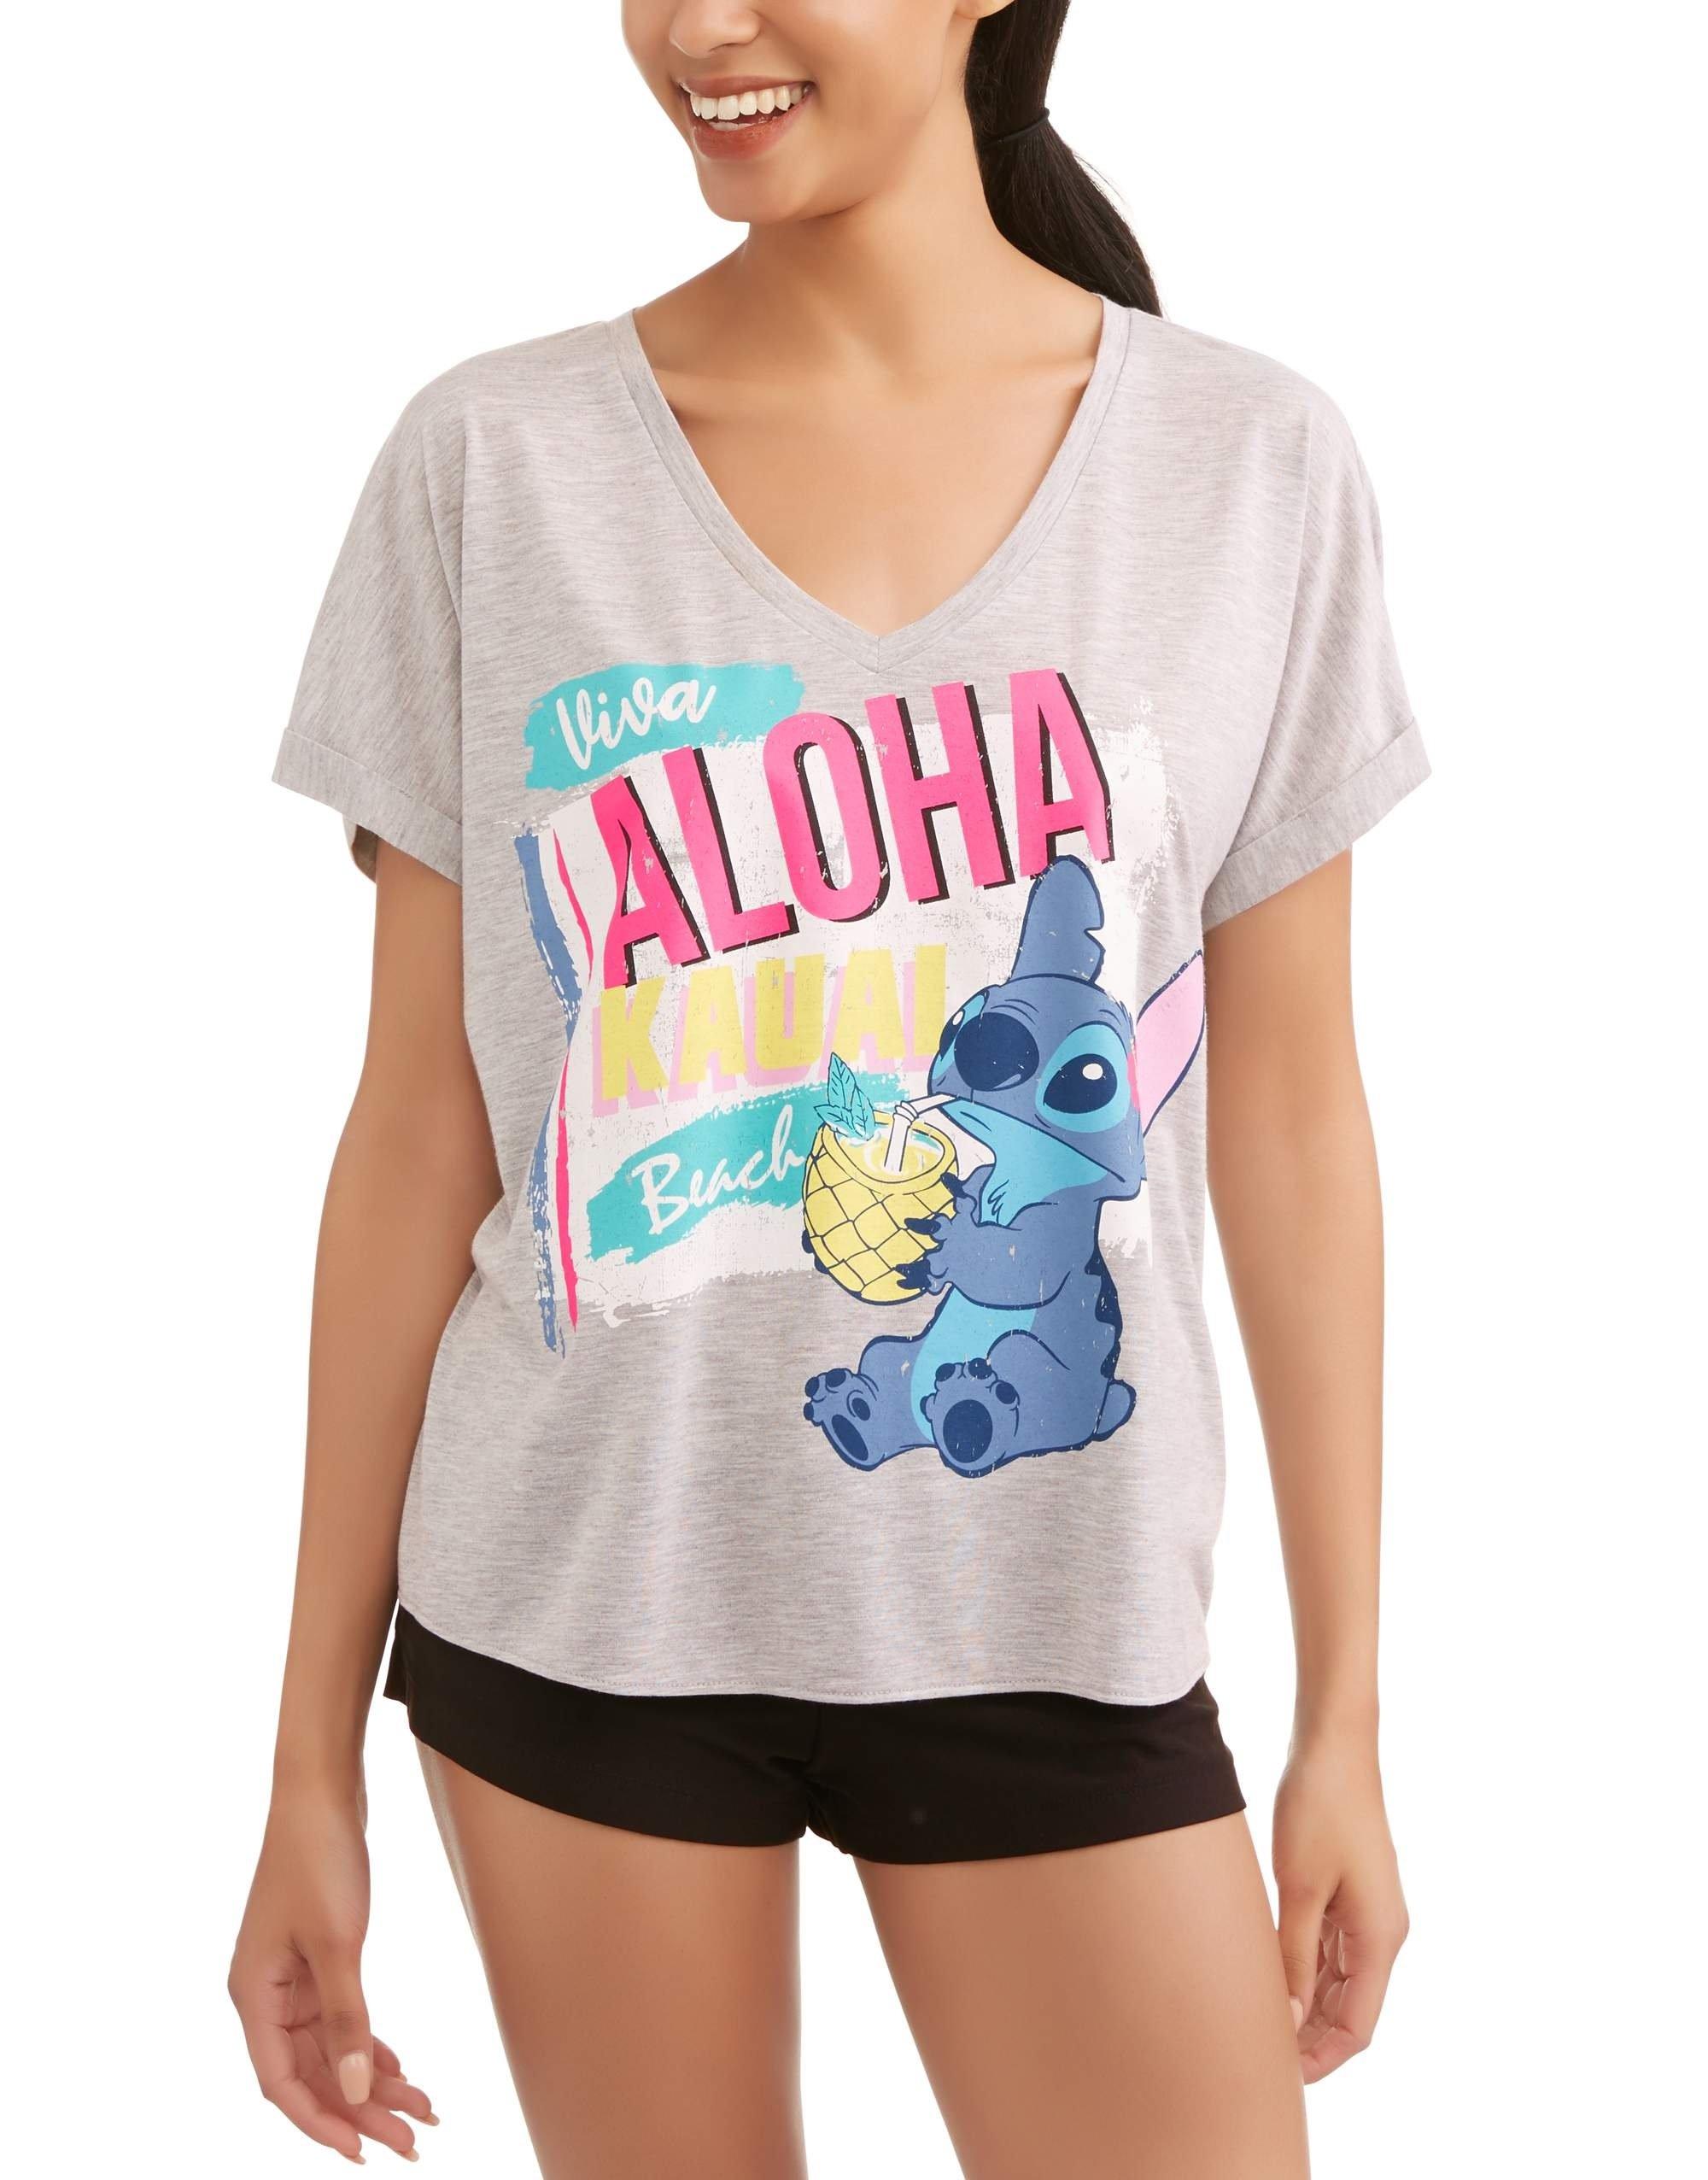 Womens Juniors Lilo & Stitch Viva Aloha Kauai Beach Sleep Shirt Pajama Top X-Small by Disney (Image #1)